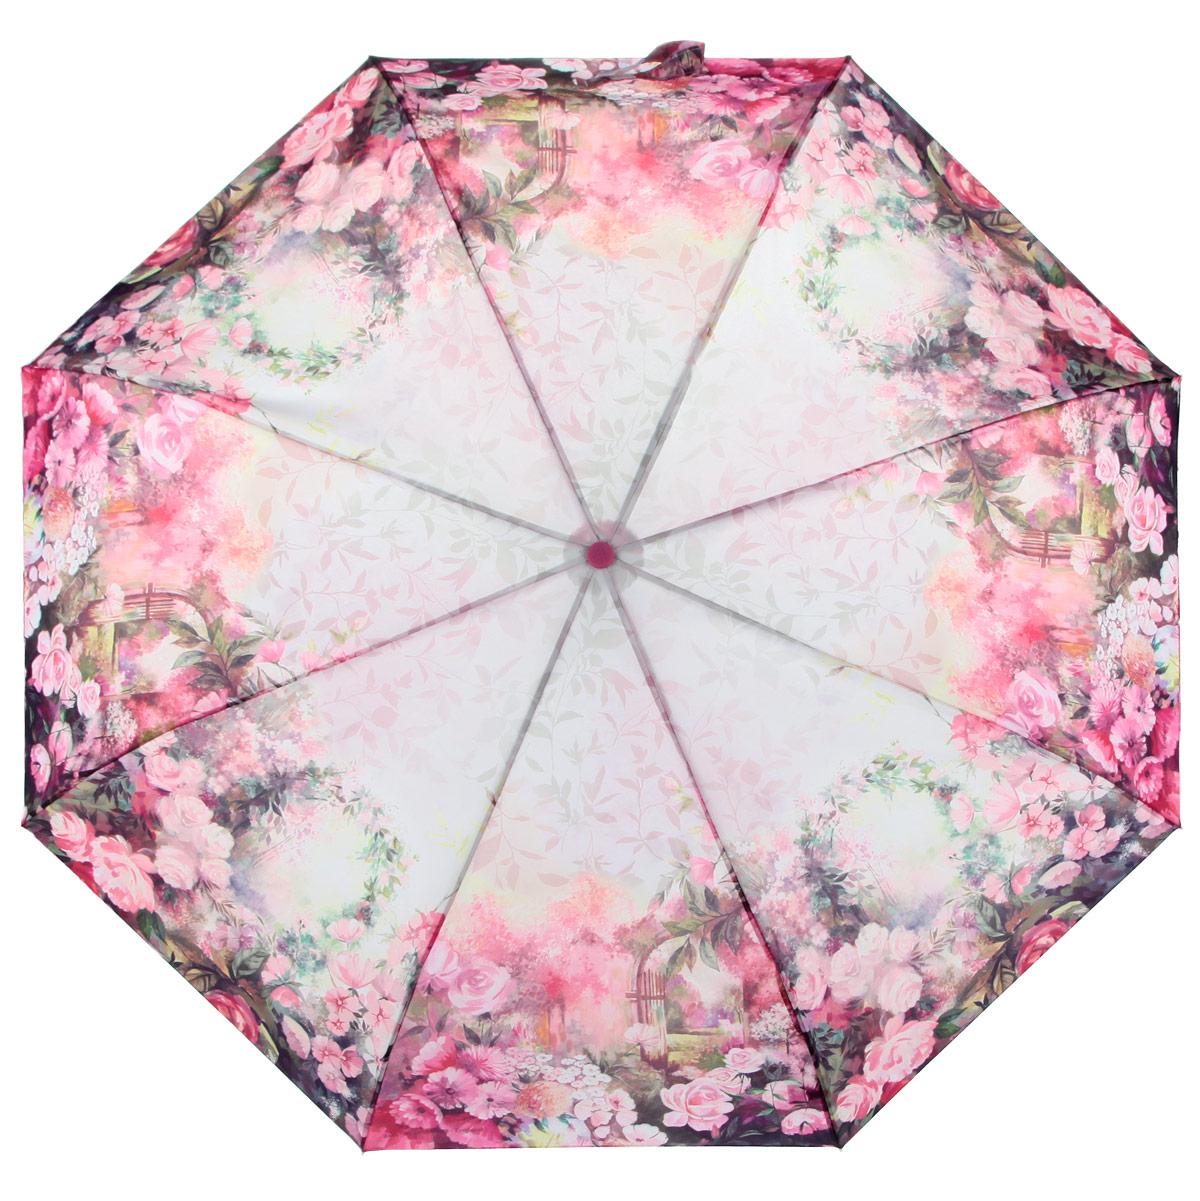 Зонт женский Zest, цвет: розовый, мультицвет. 239555-36239555-36Стильный женский зонт ZEST каркас зонта выполнен из прочной стали с антикоррозийным покрытием, спицы из фибергласса, устойчивые к выгибанию. Купол зонта изготовлен прочного полиэстера. Закрытый купол застегивается на липучку хлястиком. Практичная рукоятка закругленной формы разработана с учетом требований эргономики и выполнена из пластика. Зонт оснащен автоматическим механизмом и чехлом. Такой зонт не только надежно защитит от дождя, но и станет стильным аксессуаром.